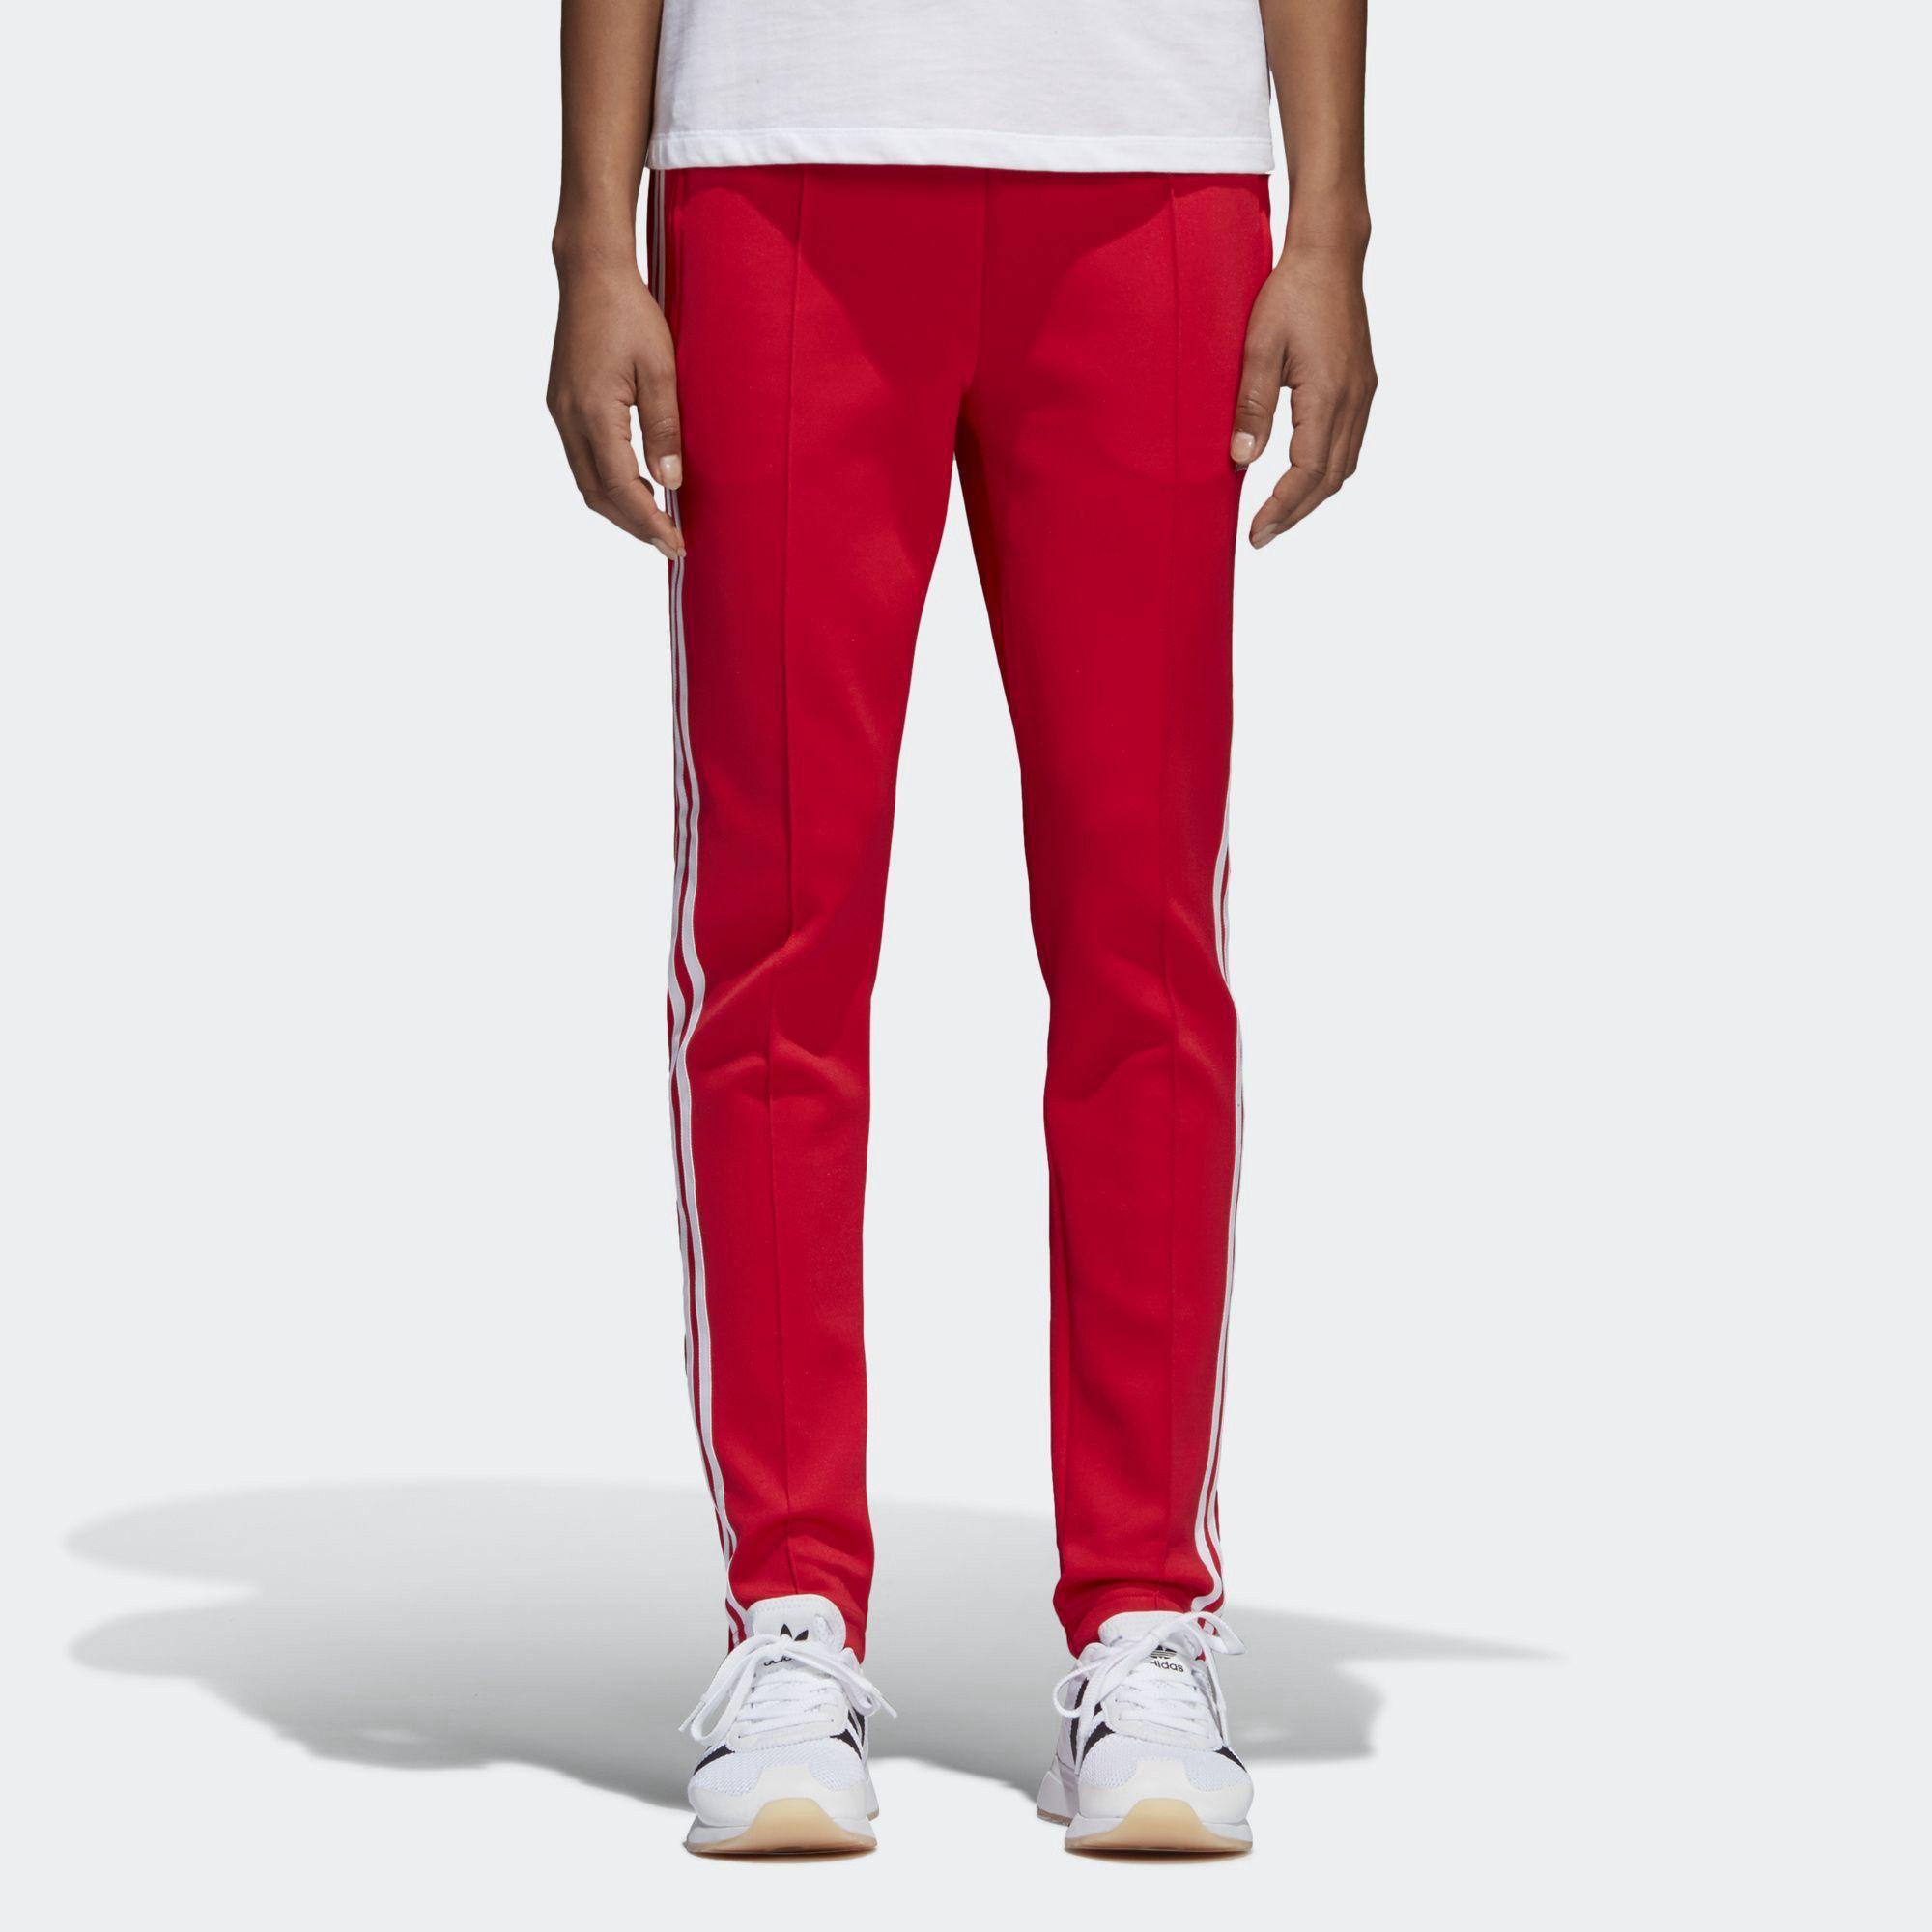 Adidas originals sst track pants adidasoriginals cloth